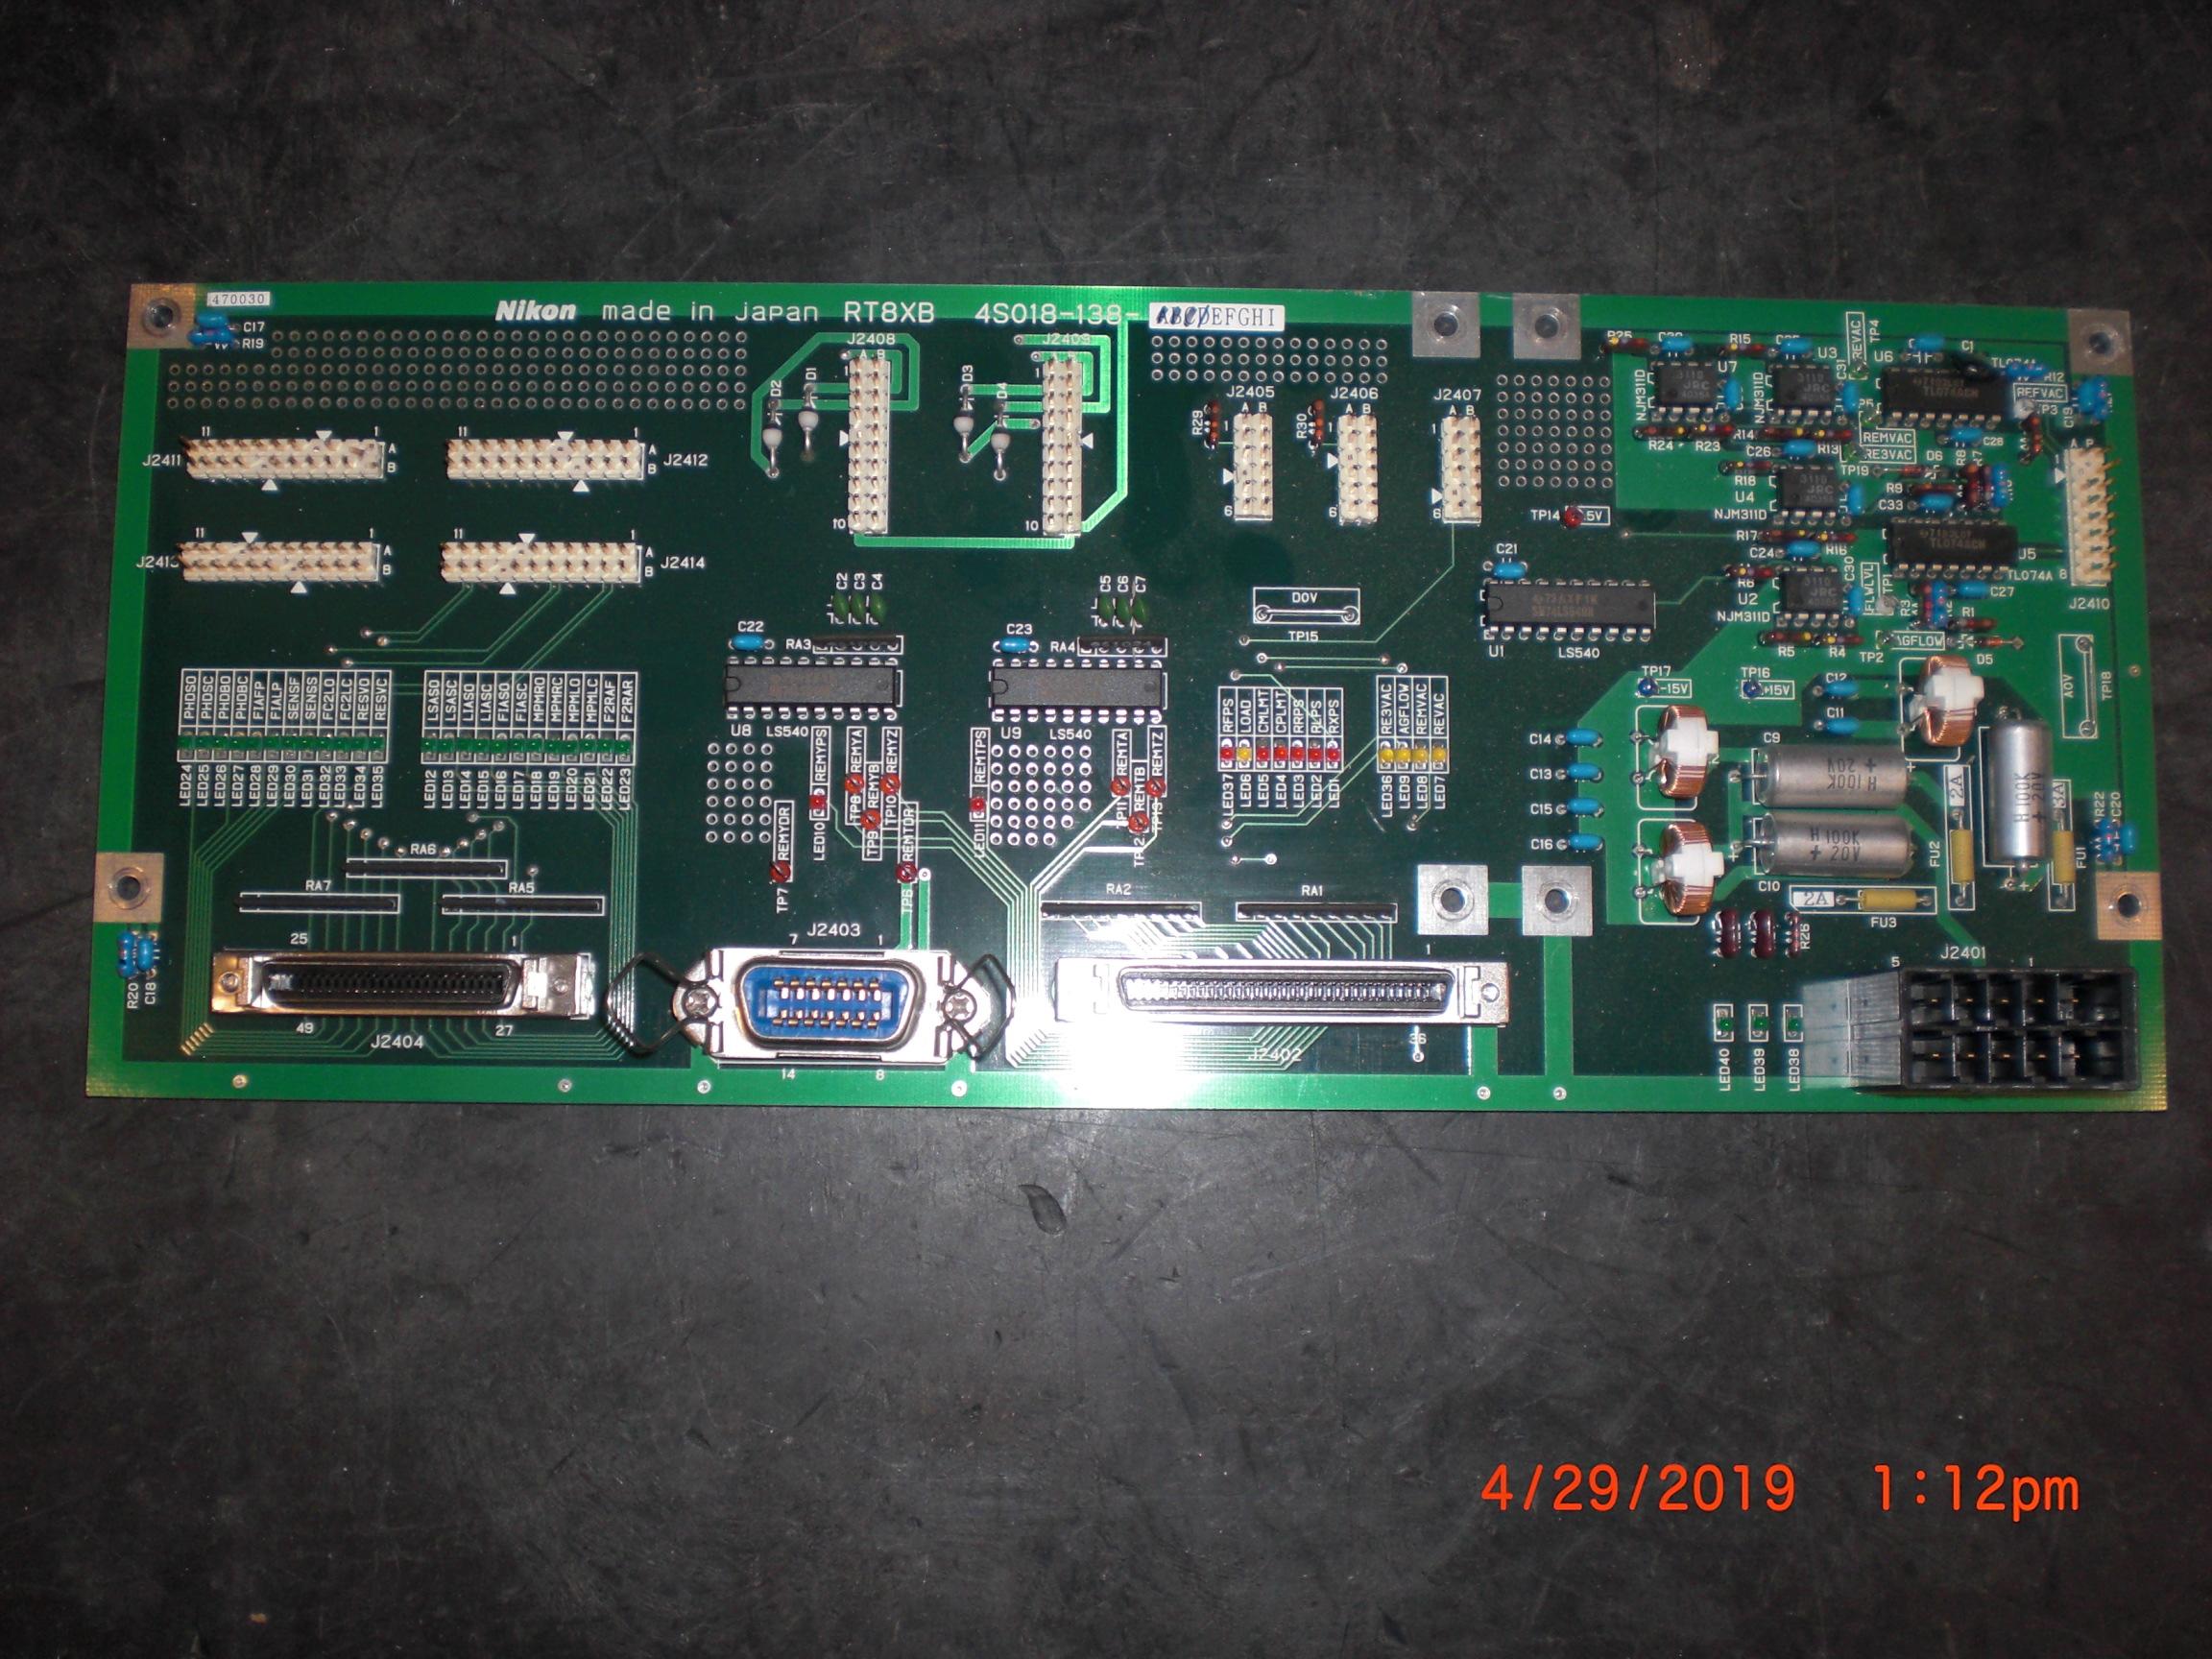 PCB NIKON 4S018-138-E RT8XB